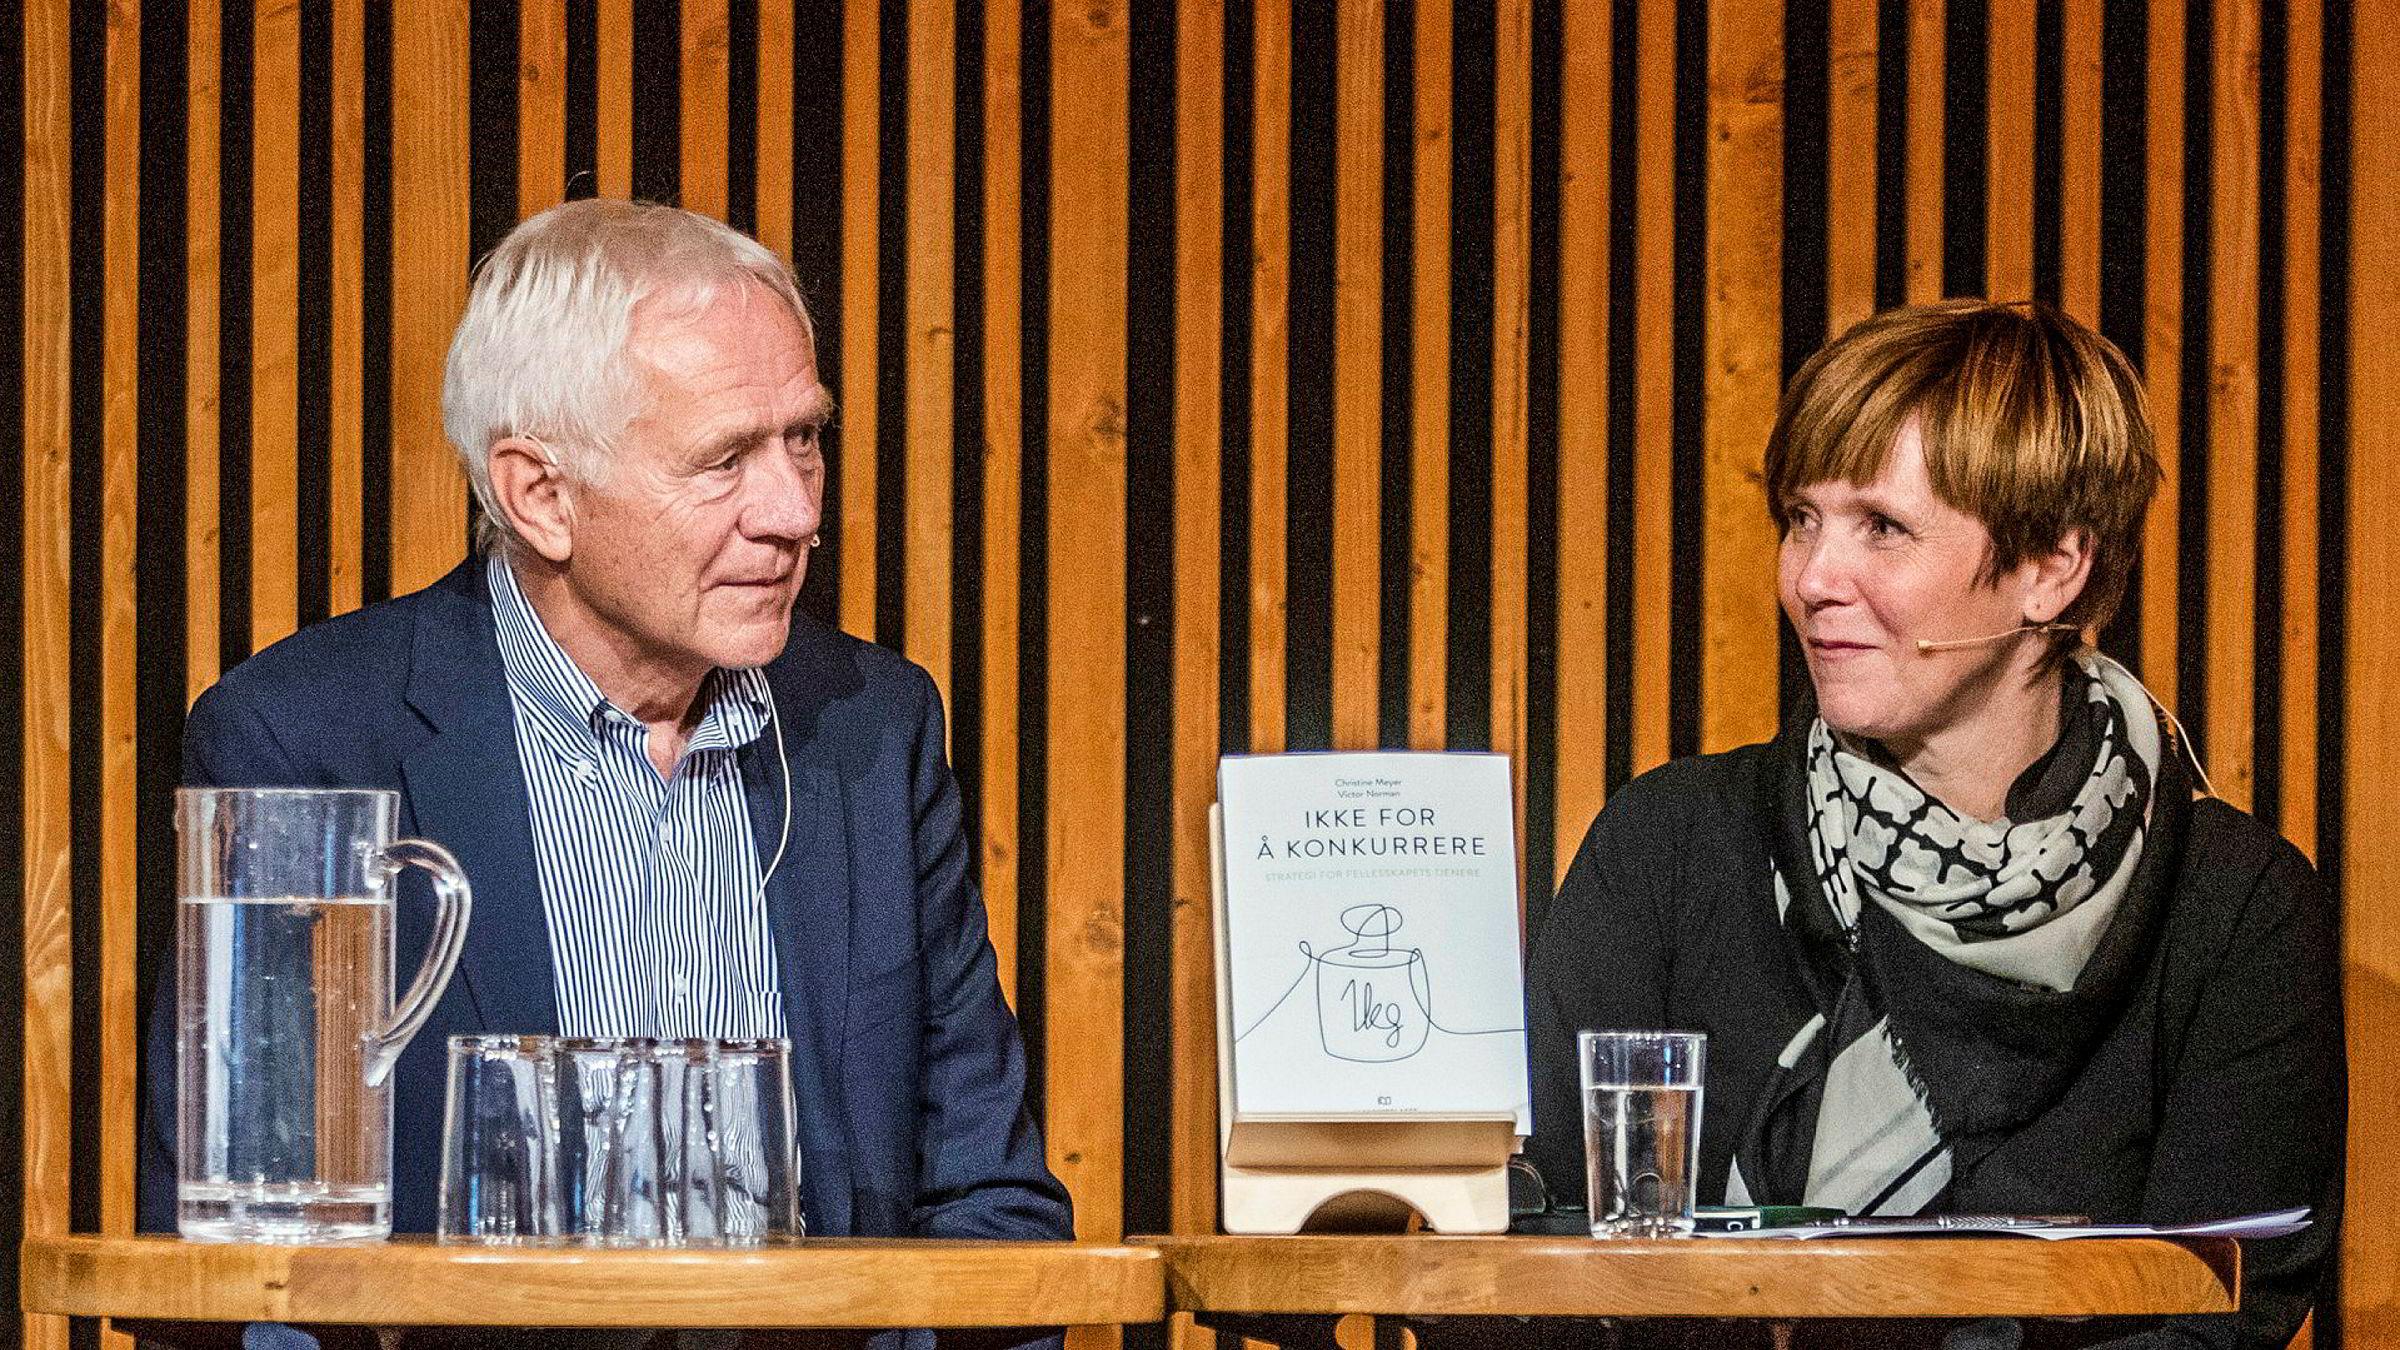 Christine Meyer og Victor Norman lanserte i høst boken «Ikke for å konkurrere - Strategi for fellesskapets tjenere».